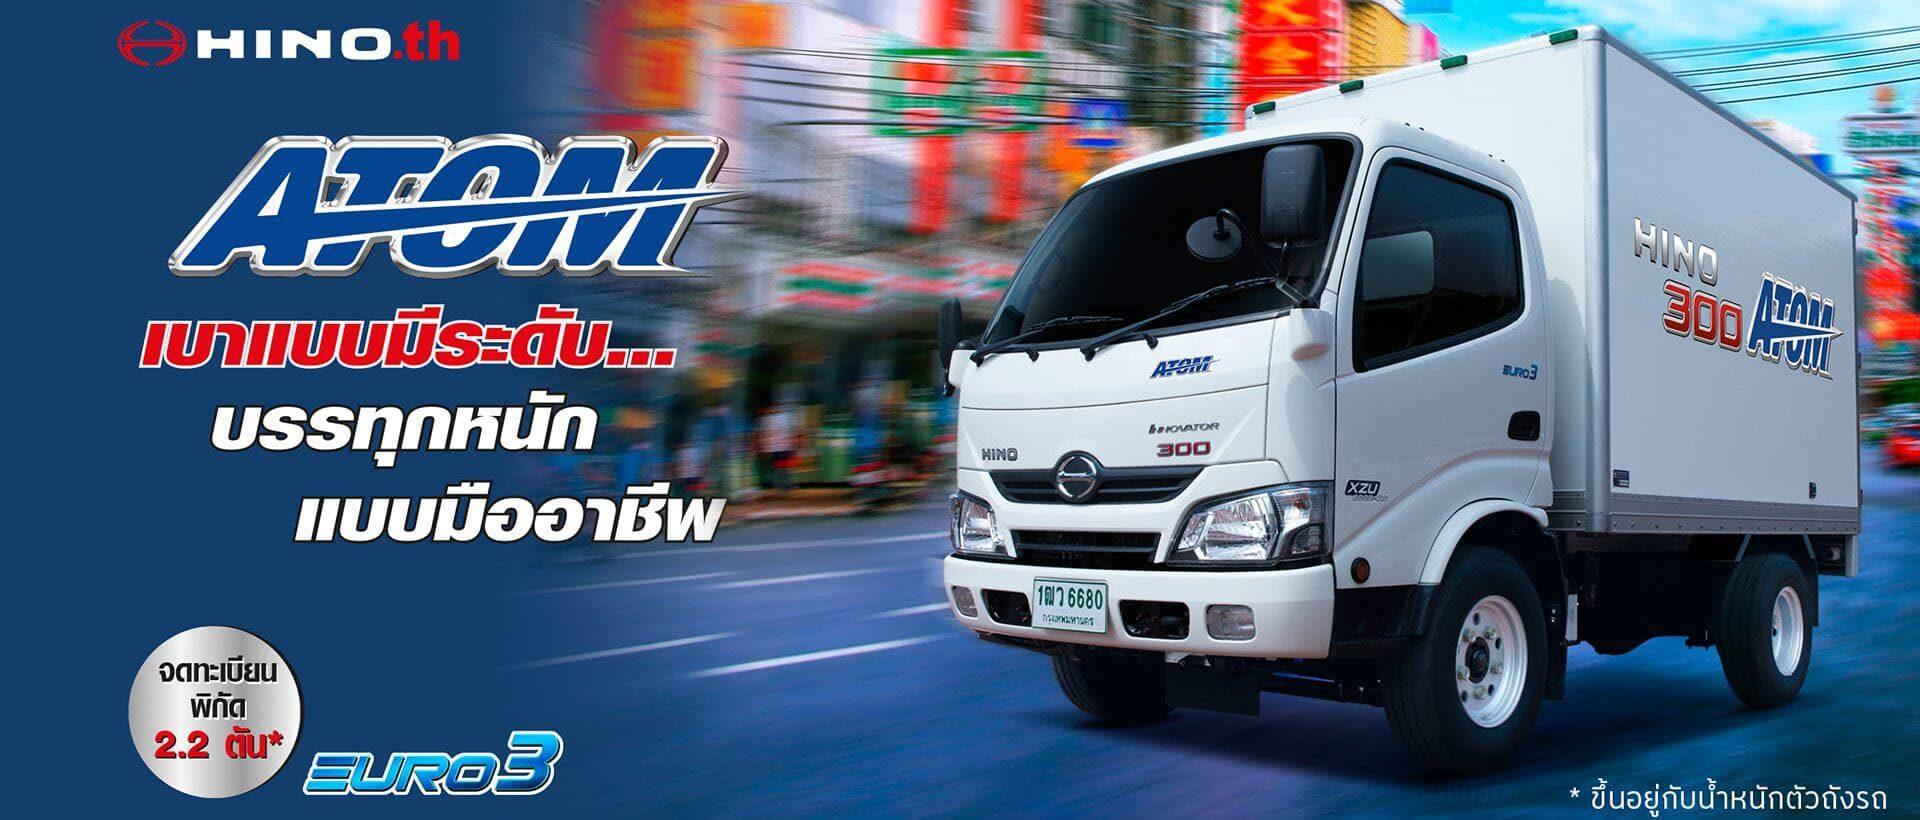 Cover-300-innovator-xzu-1